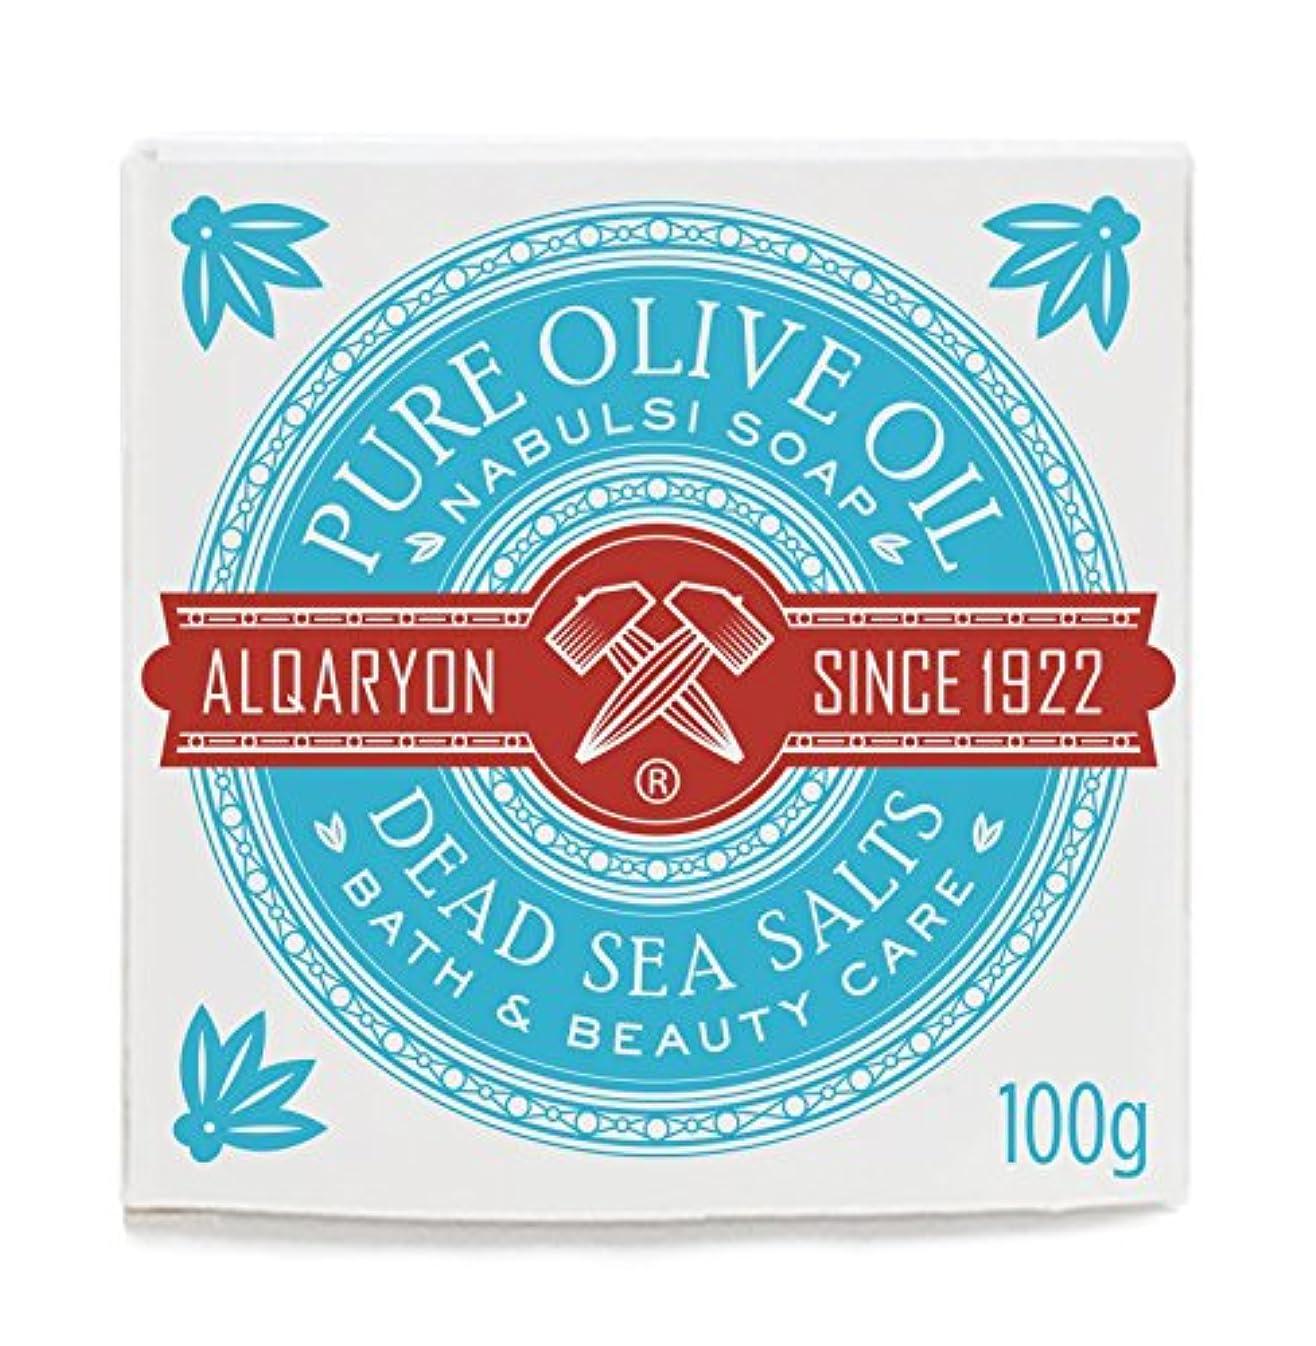 田舎者変更間に合わせAlqaryon Dead Sea Salts & Olive Oil Bar Soap, Pack of 4 Bars 100g- Alqaryonの死海で取れる塩&オリーブオイル ソープ、バス & ビューティー ケア、100gの石鹸4個のパック